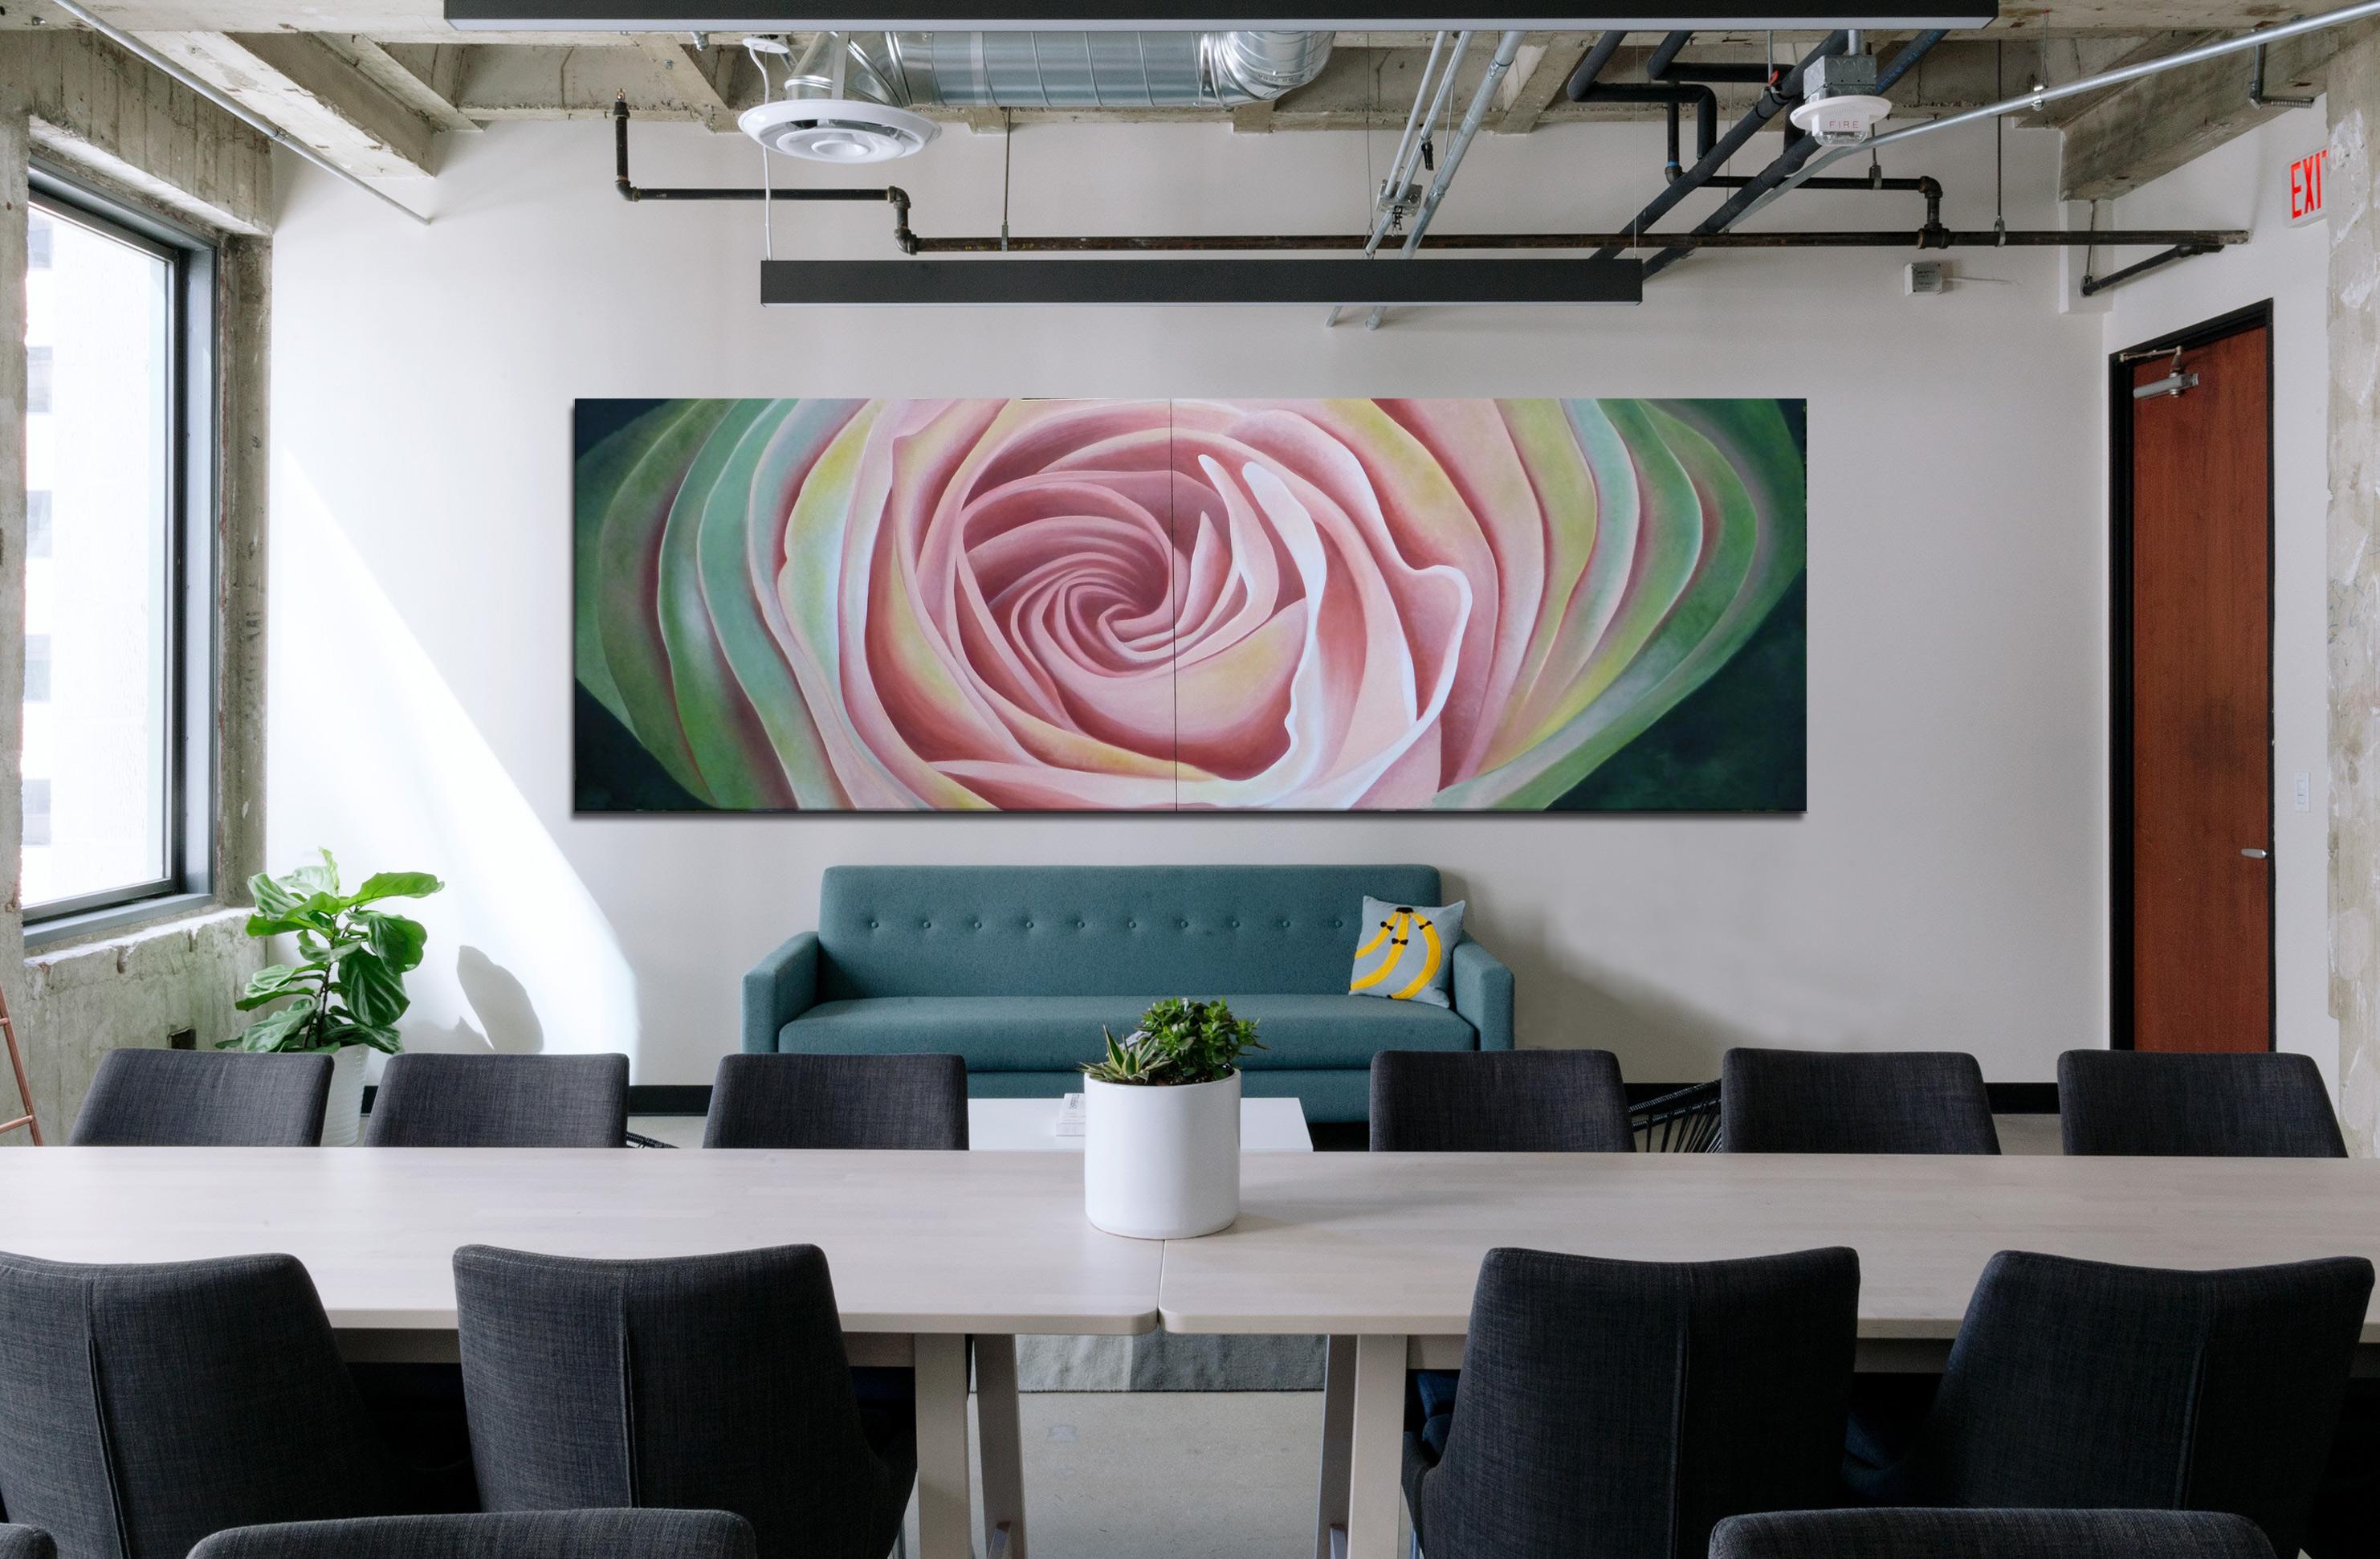 Large Rose